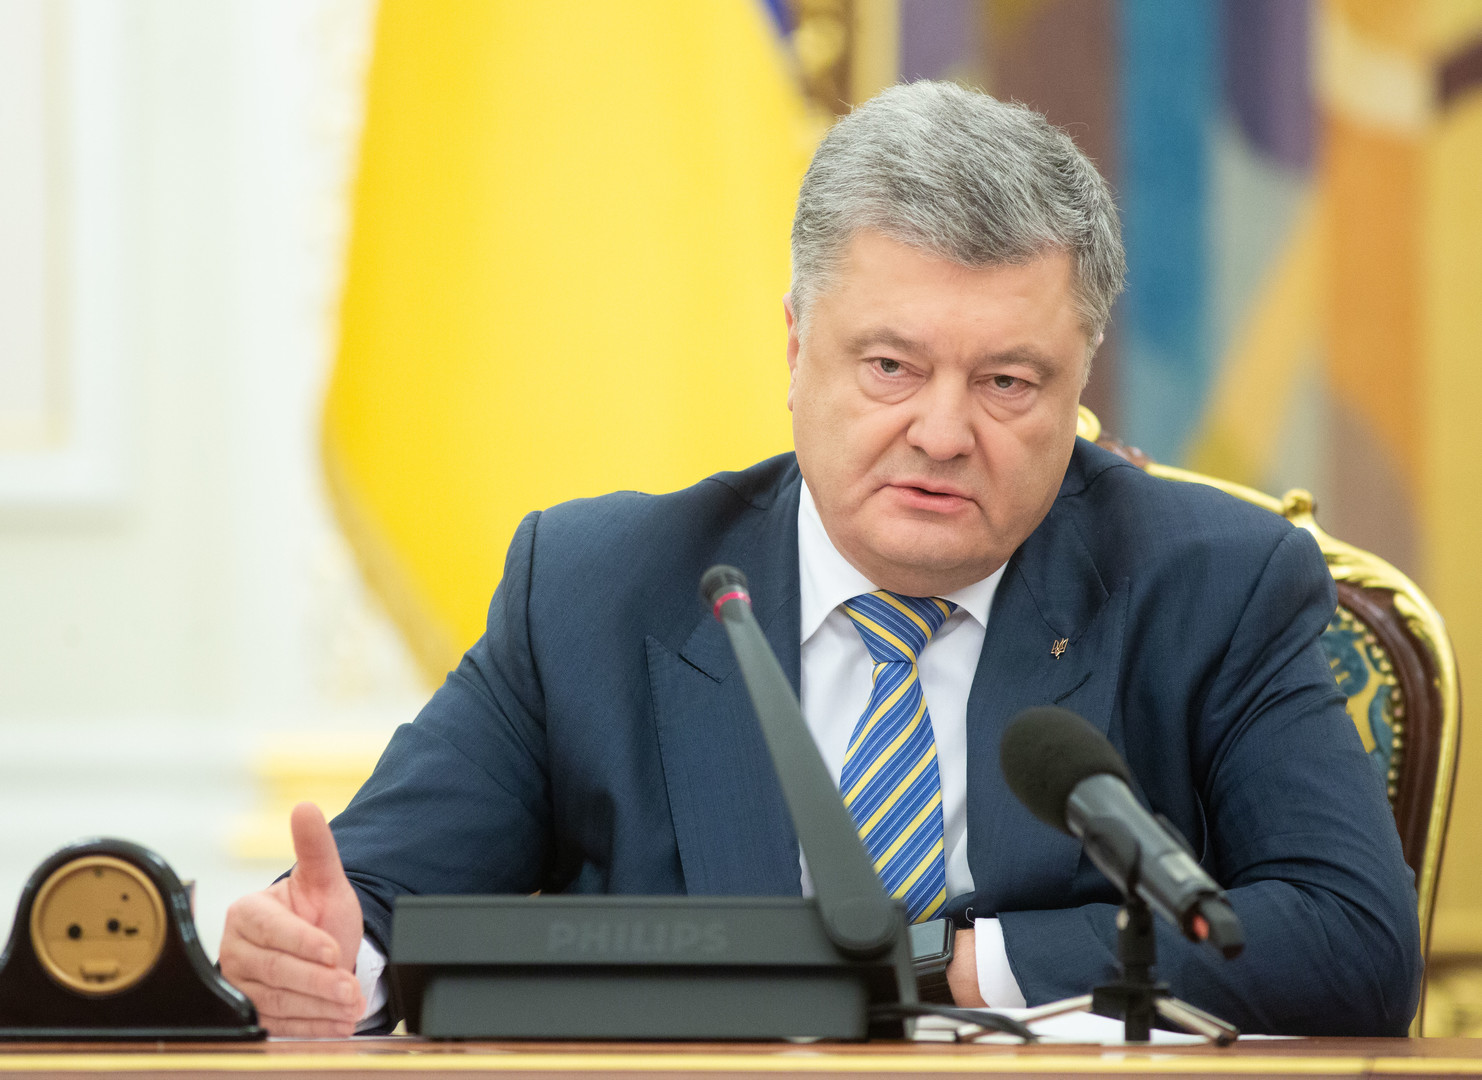 رئيس أوكرانيا يعترف: لم أتحدث بالأوكرانية قط قبل عام 1997!